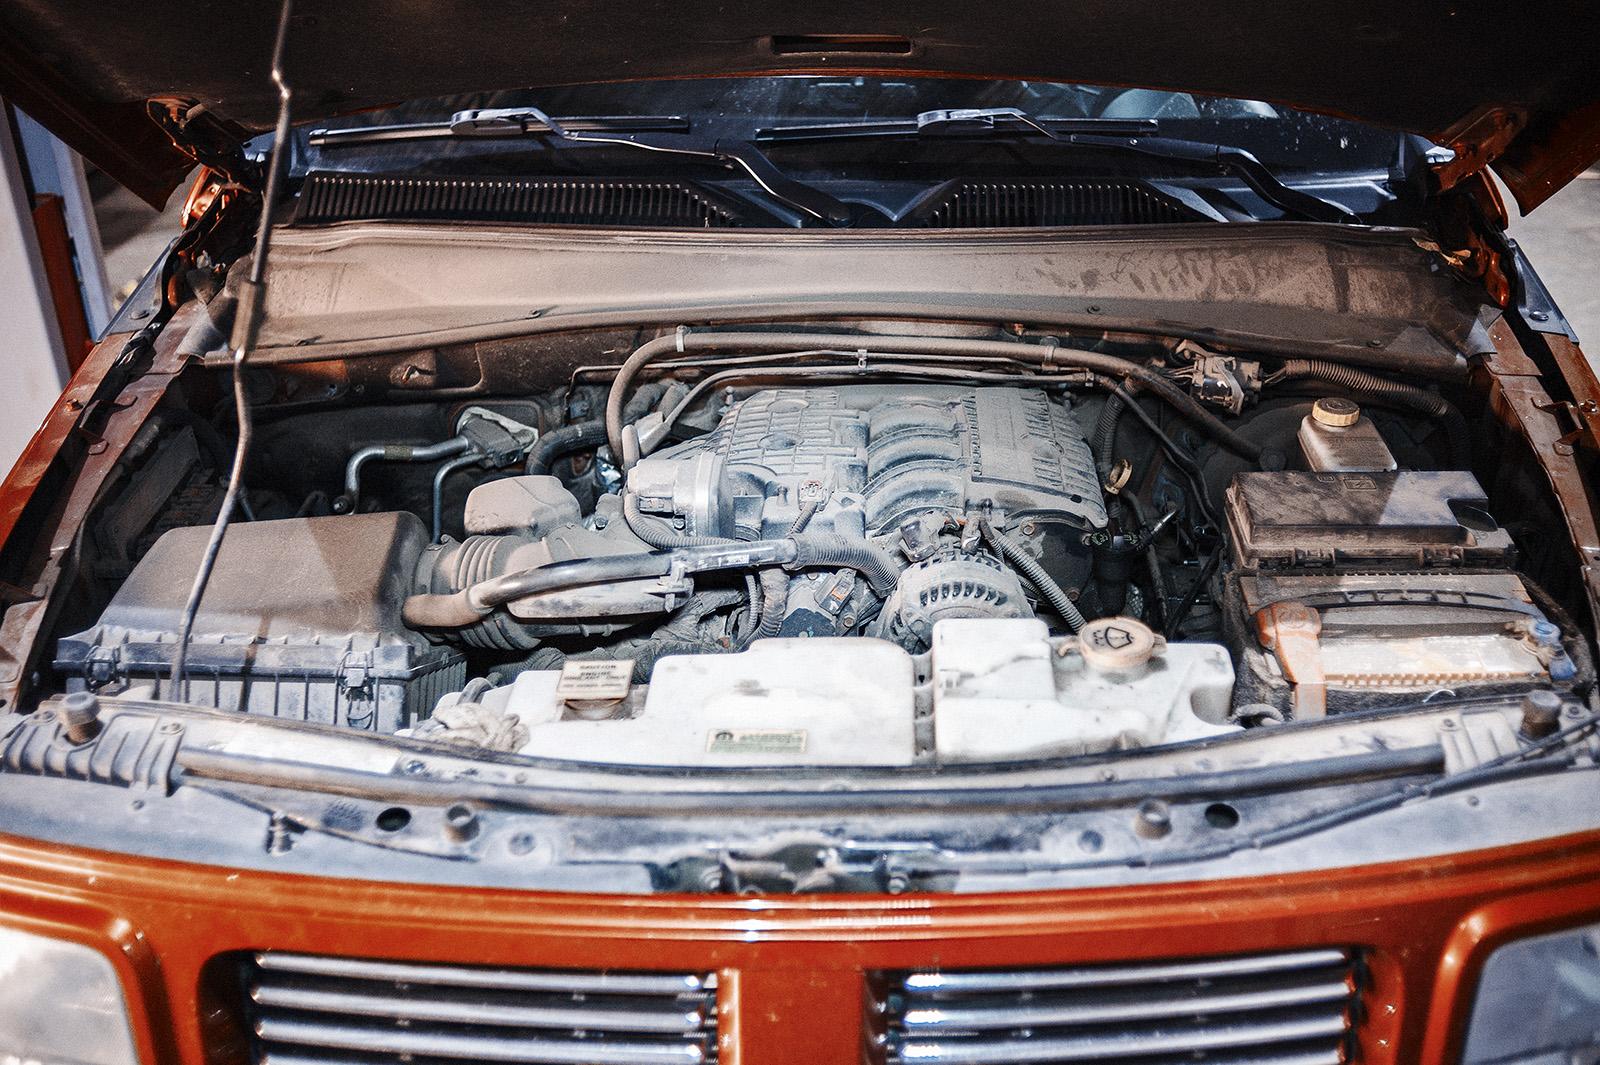 Даём двигателю немного остыть перед работой